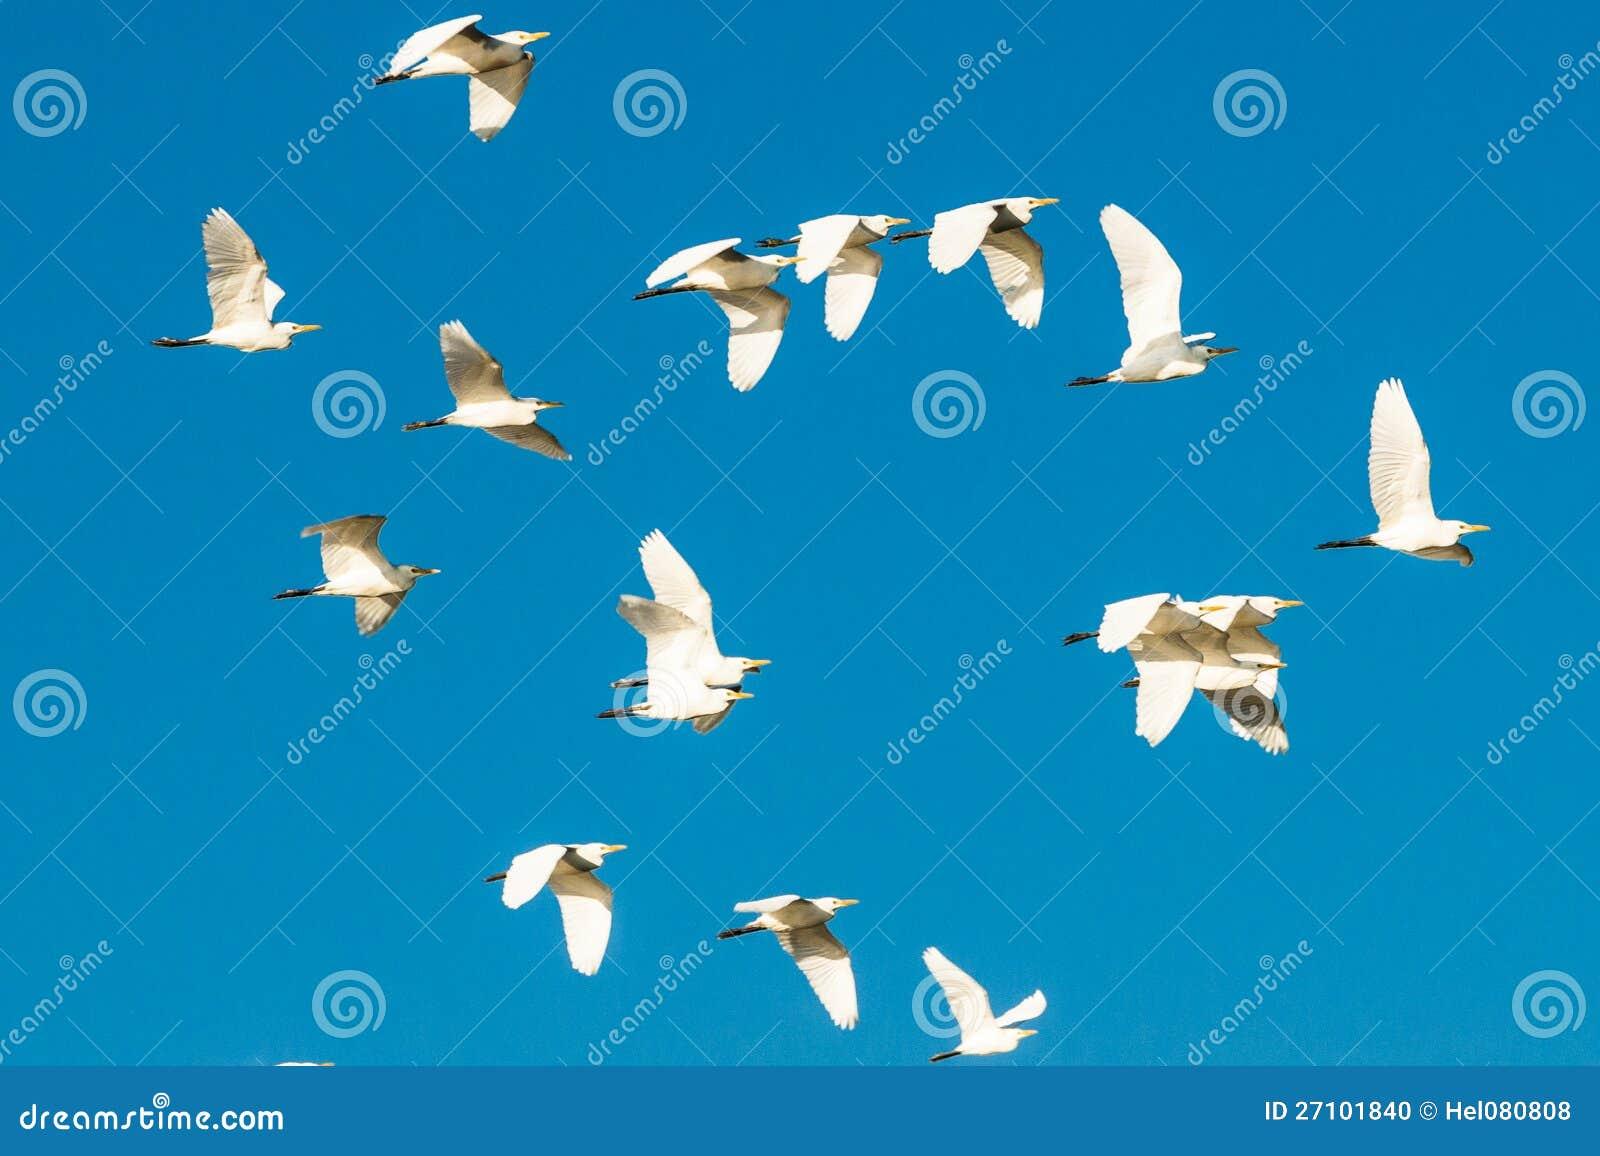 Moltitudine di uccelli nel cielo blu